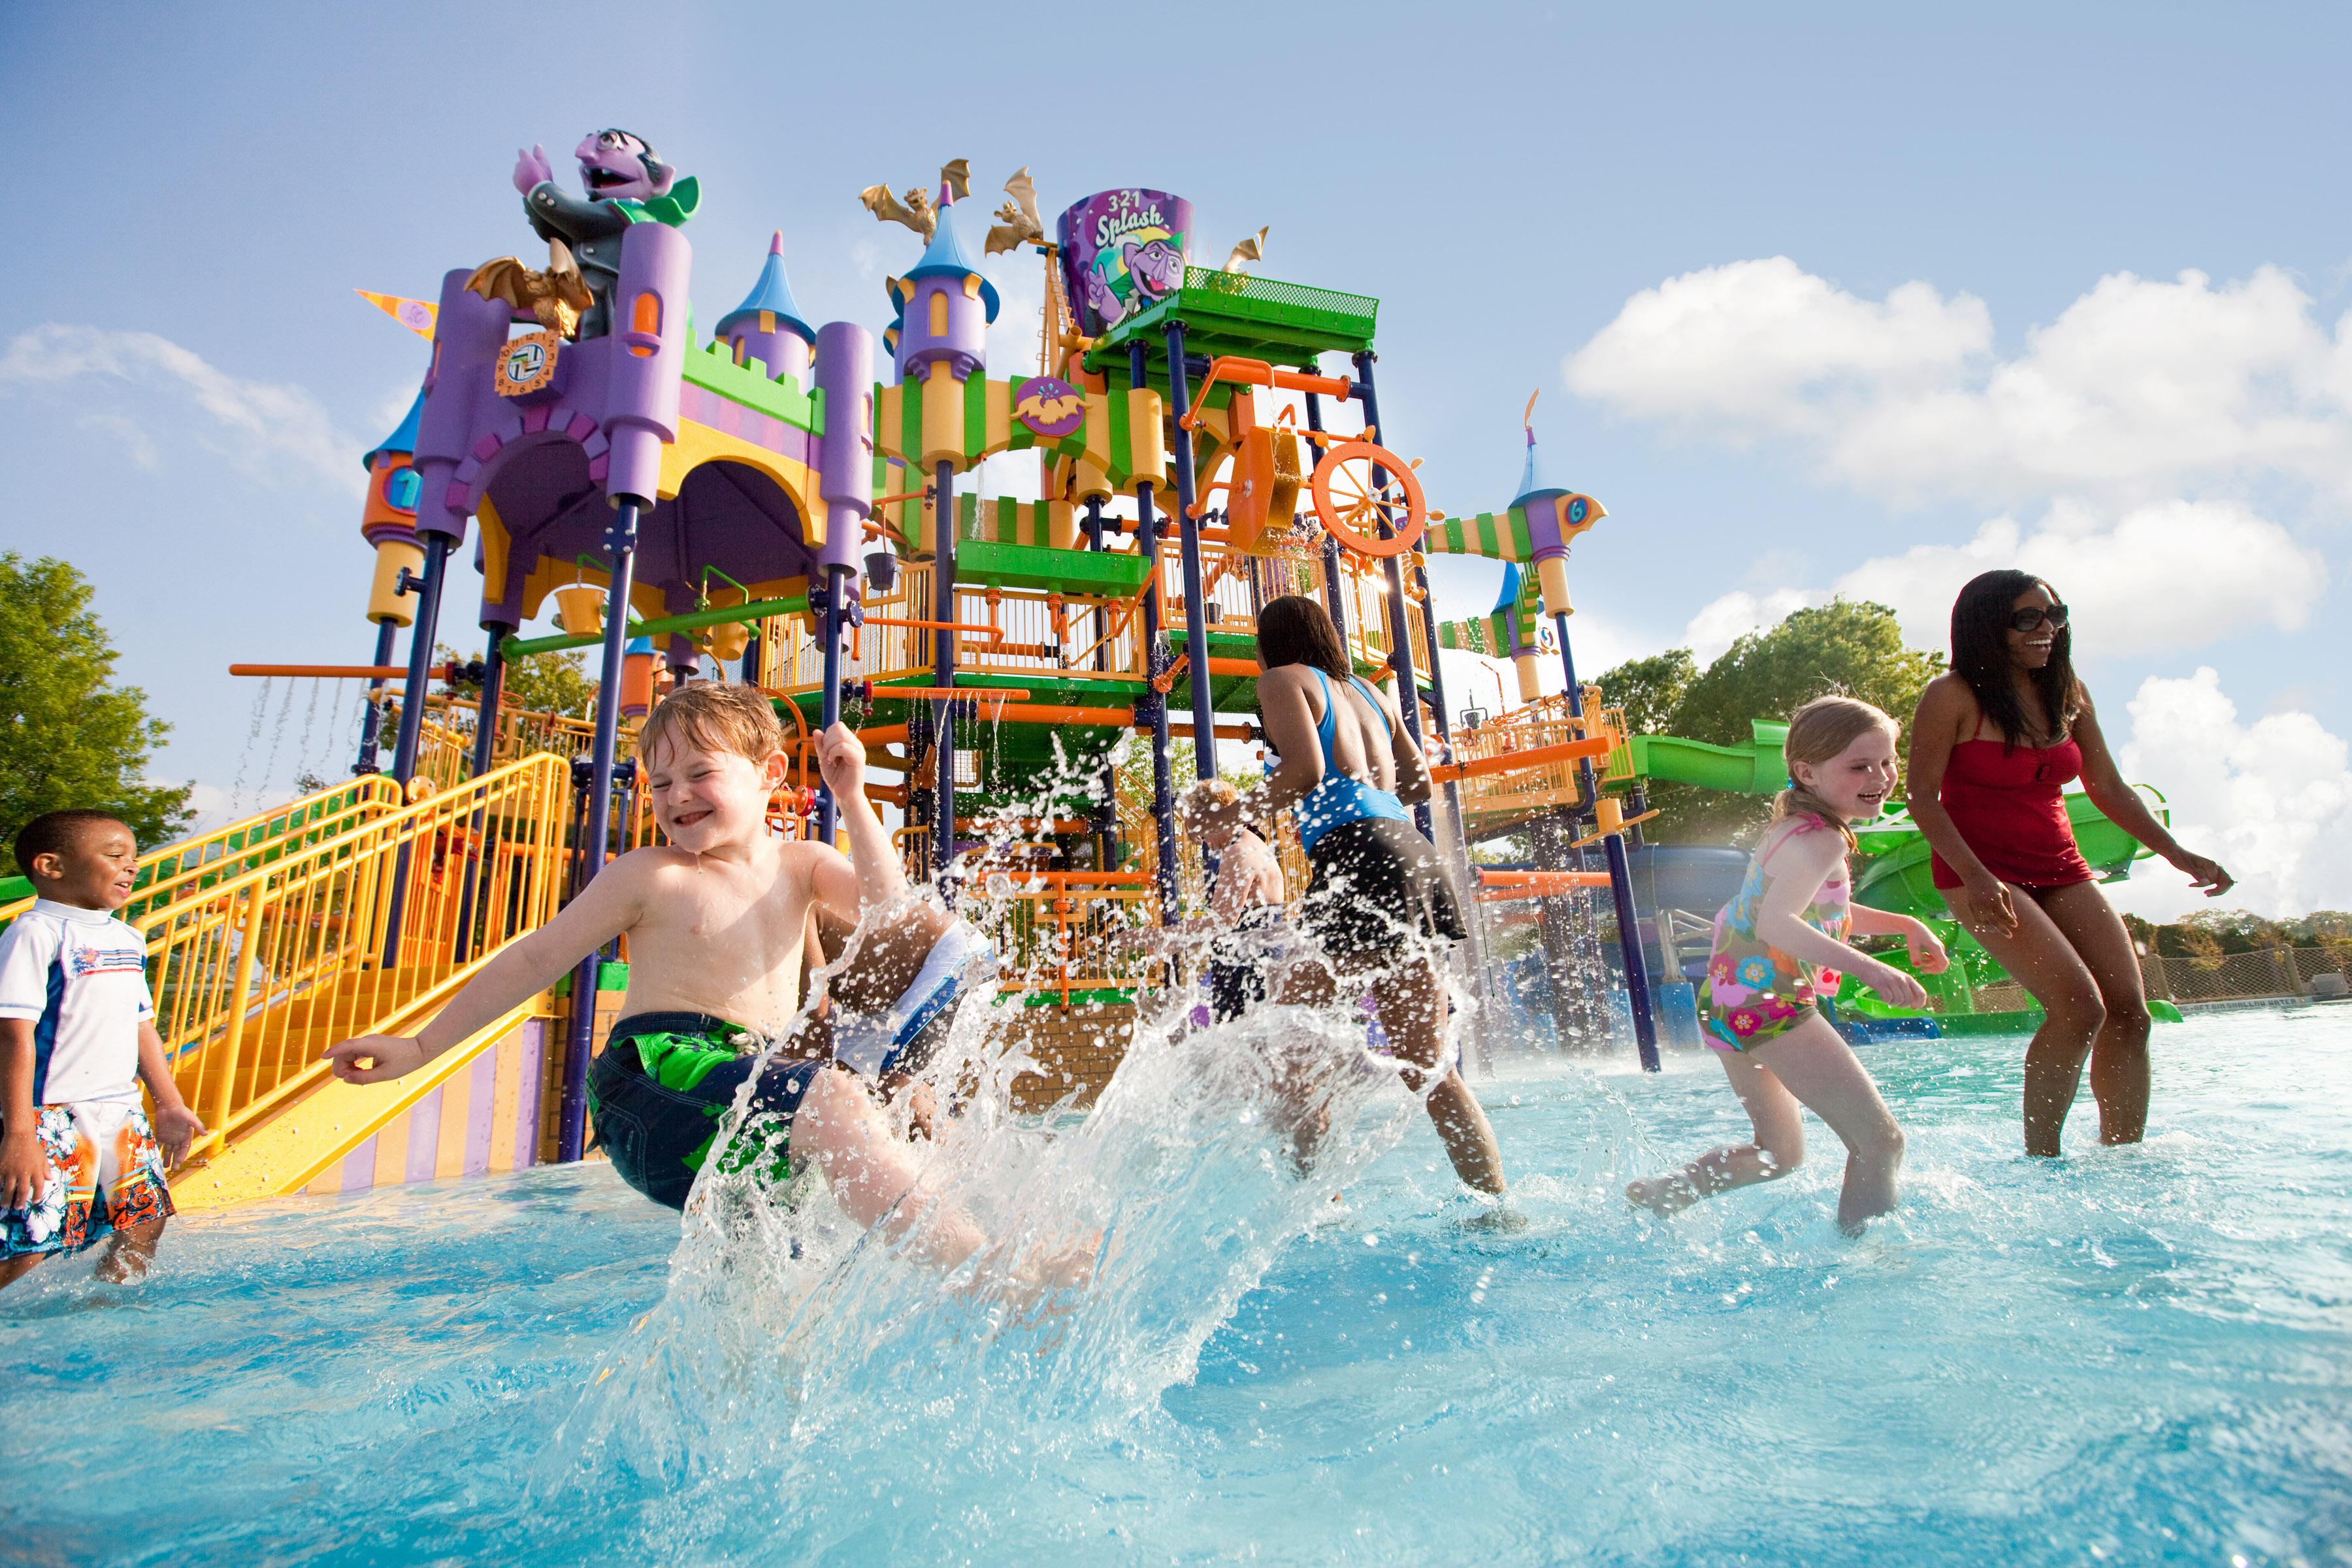 7 consejos para mantener a tus hijos seguros en un parque de diversiones